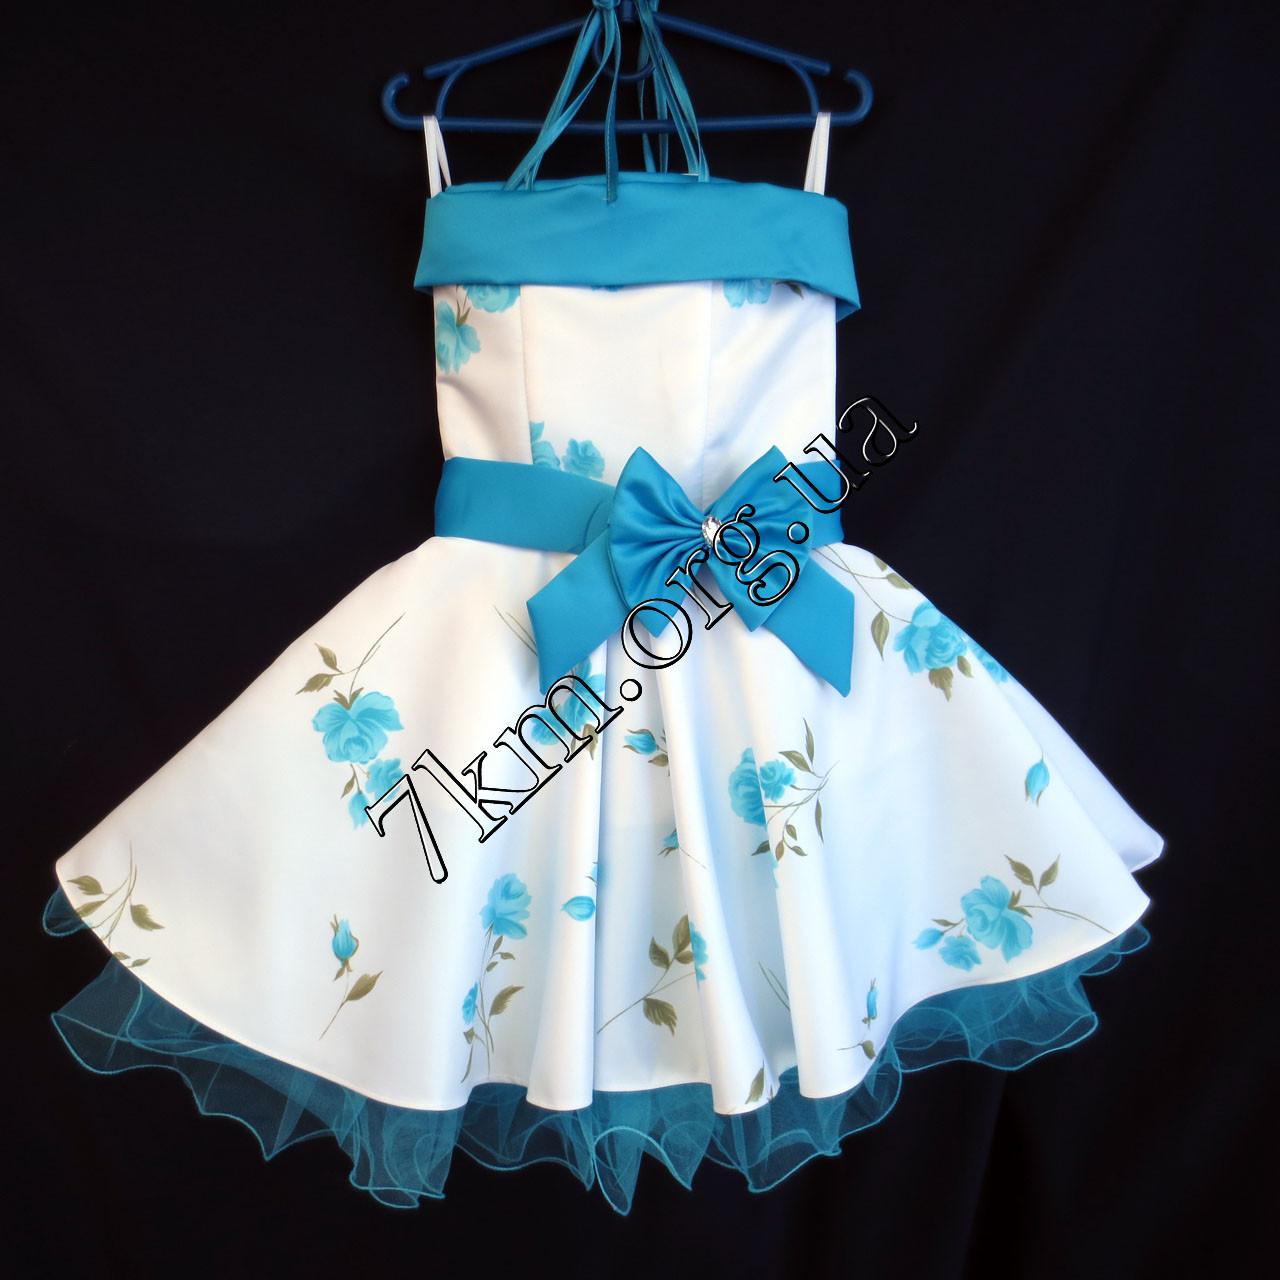 Платье нарядное бальное детское Нежная роза 6 лет белое с голубым Украина оптом.